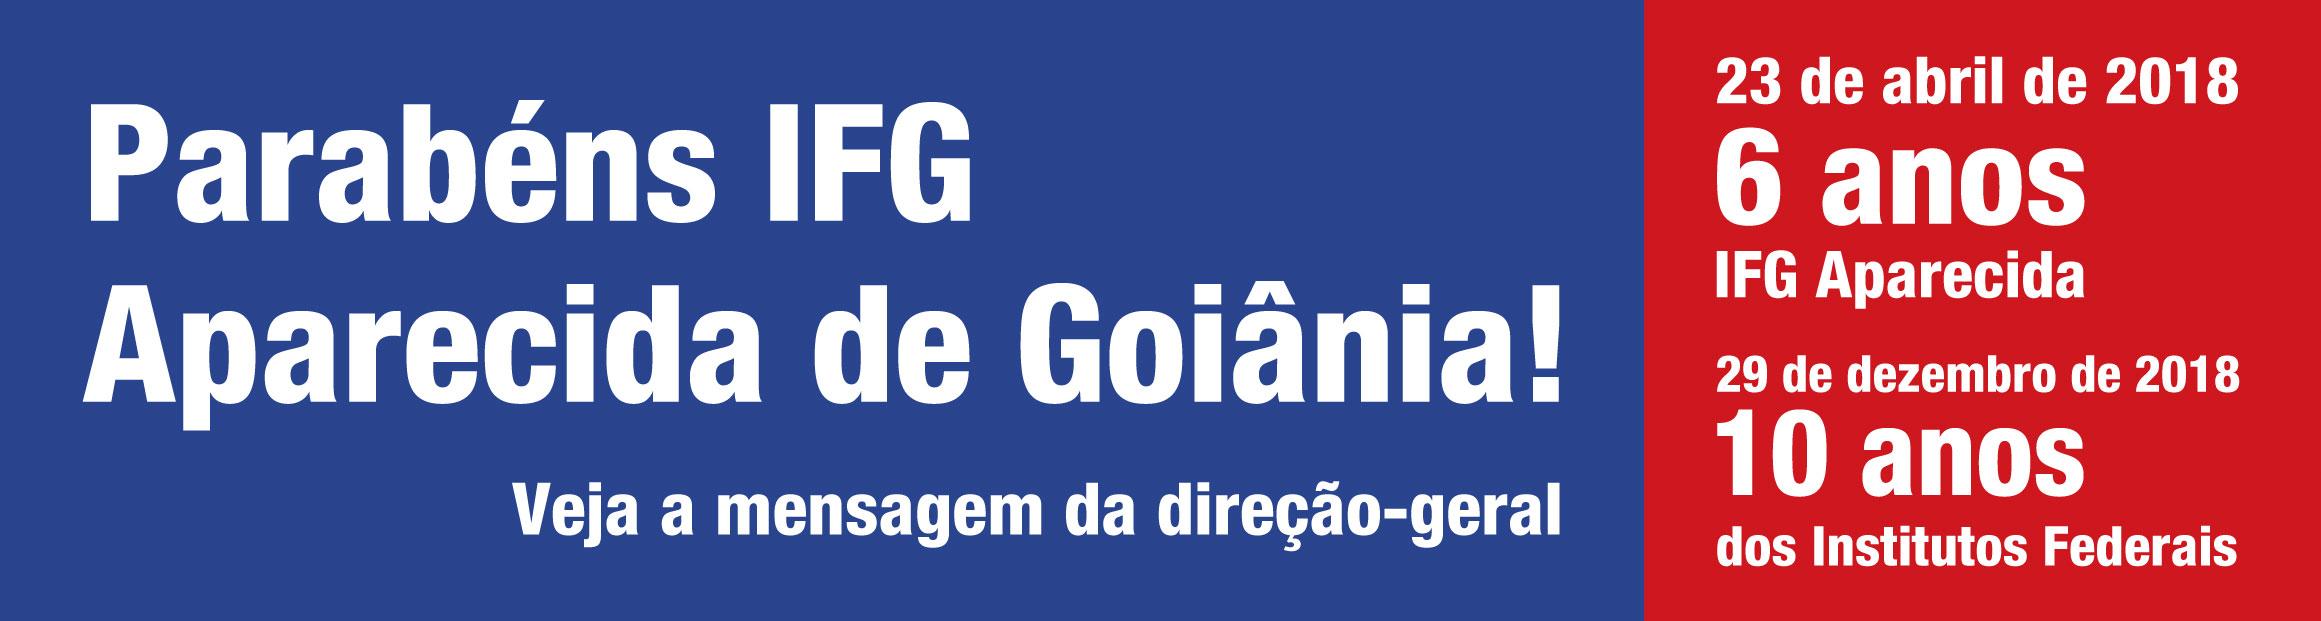 Aniversário de 6 anos do IFG Aparecida de Goiânia